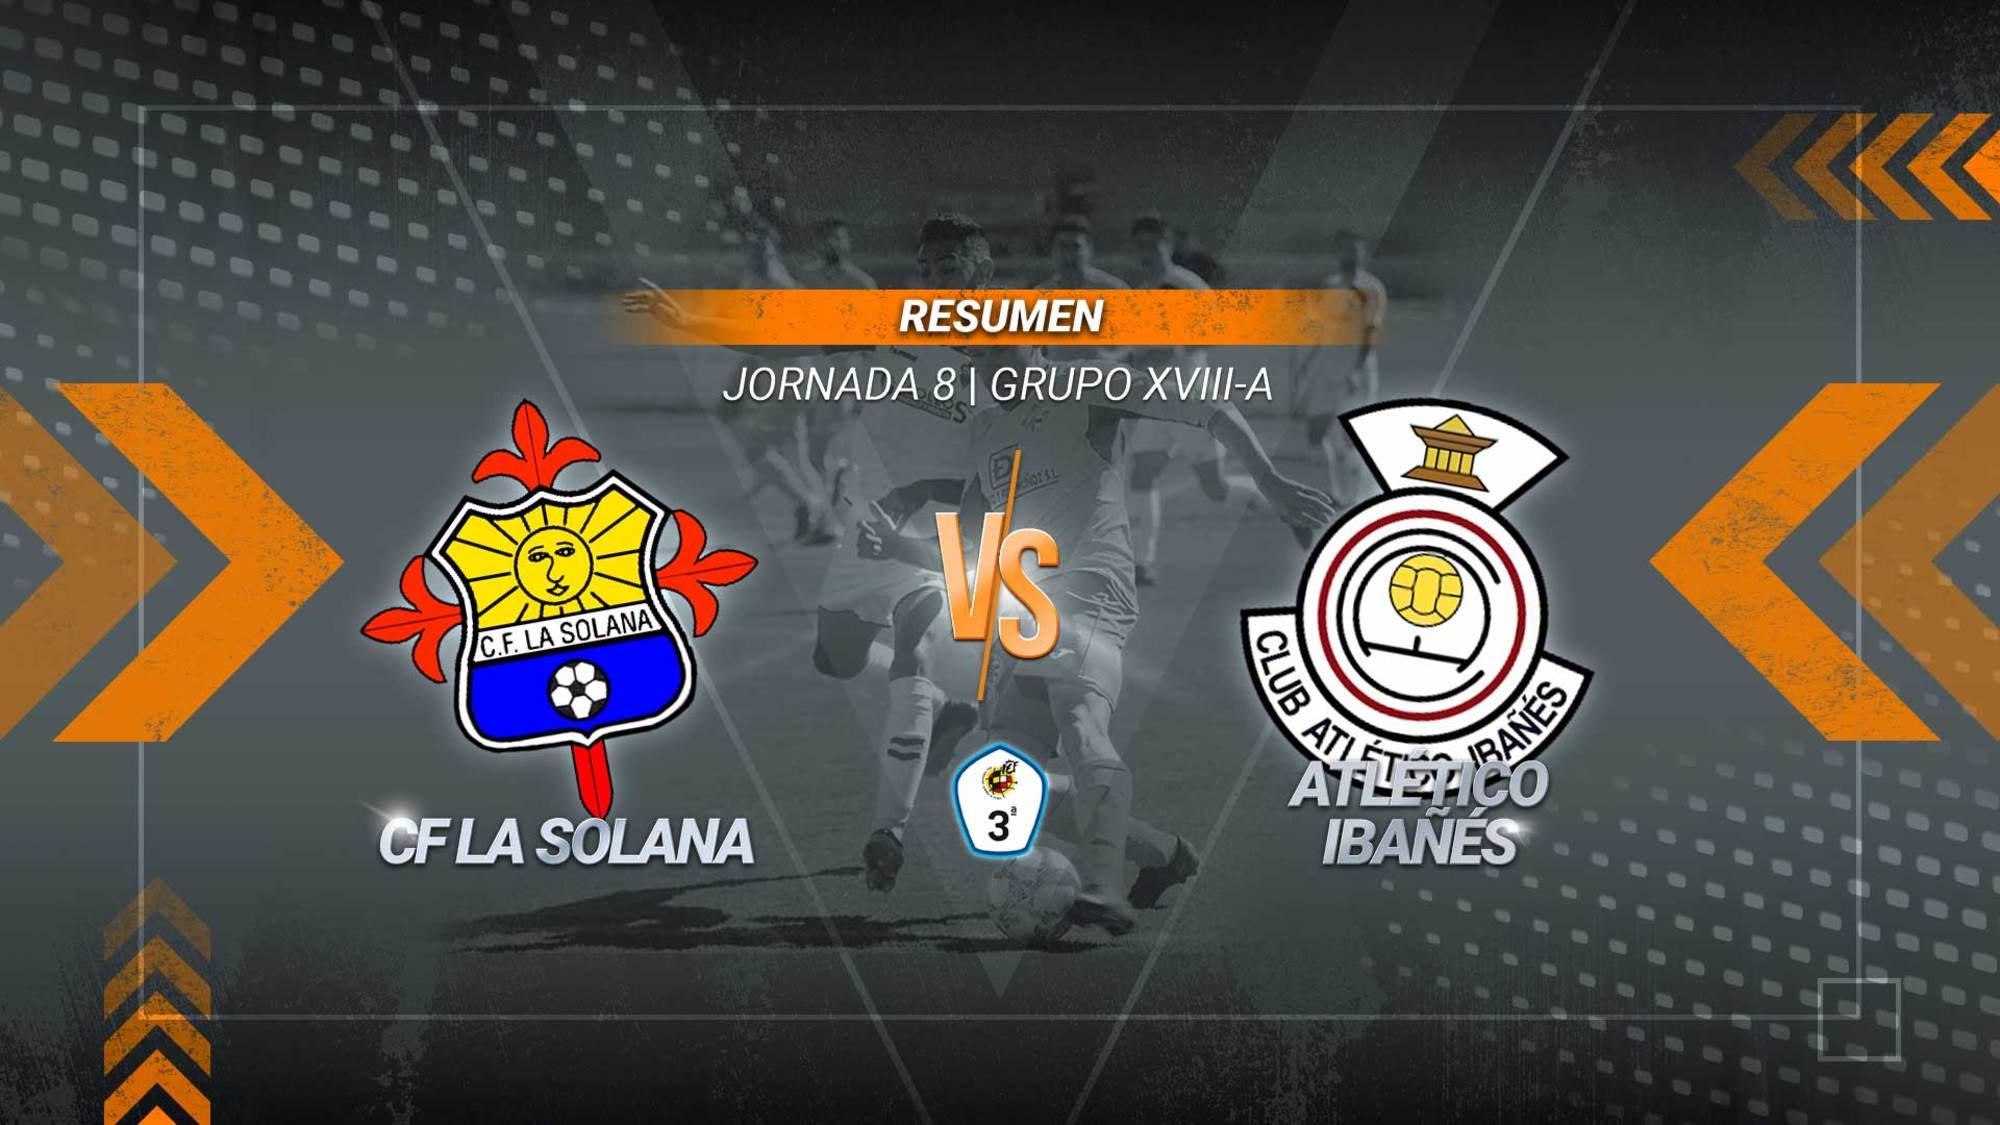 Dos goles en tres minutos y reparto de puntos en La Moheda. Se adelantó el Atlético Ibañés con un gol de Ángel Luis y empató La Solana, con diez jugadores sobre el campo, gracias al tanto de Vicente.